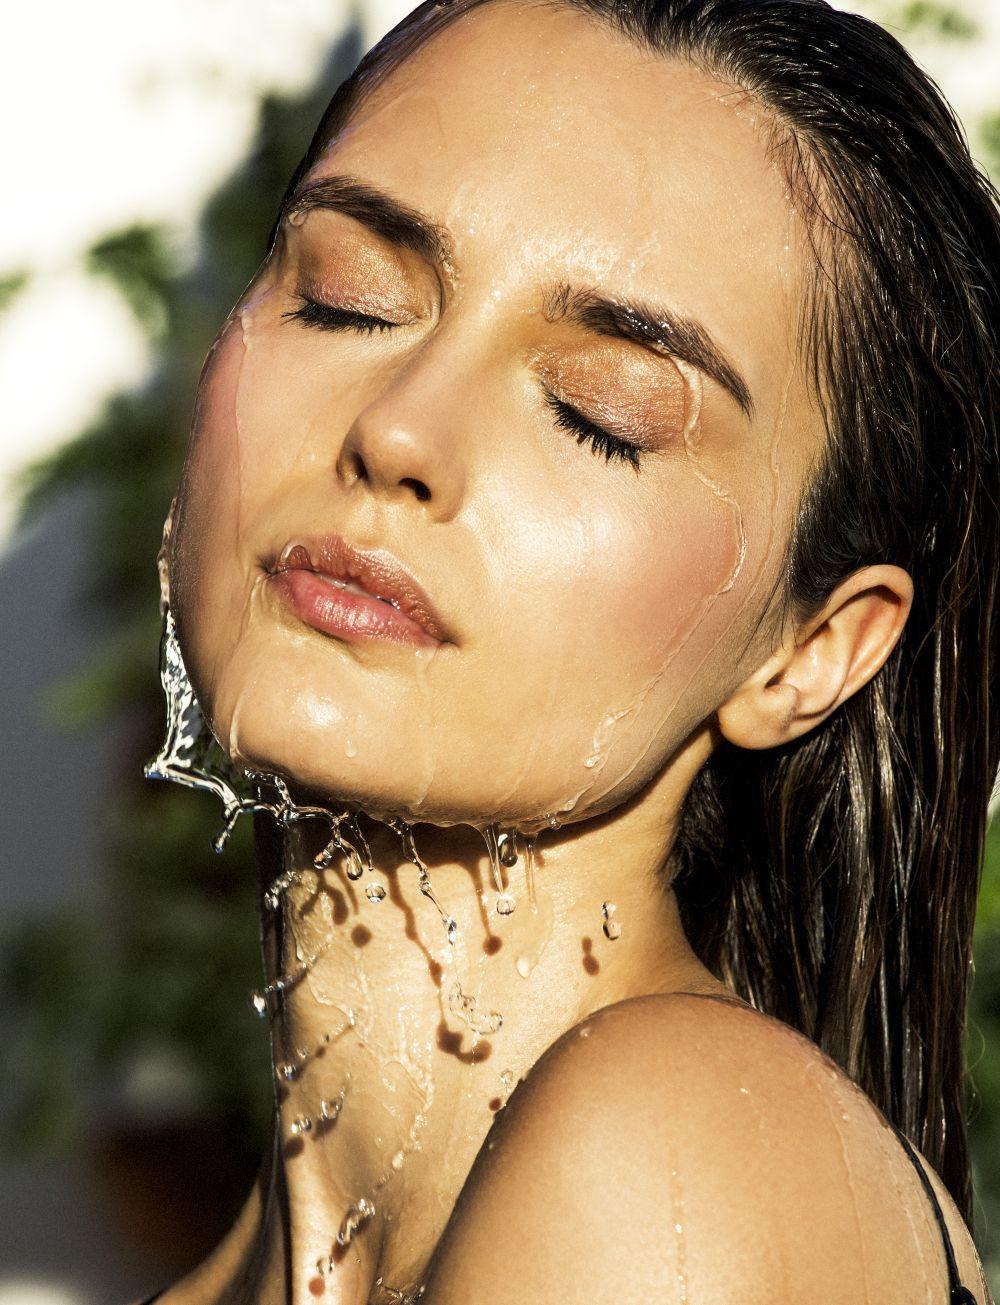 La hidratación es fundamental para tener una piel bonita y luminosa.